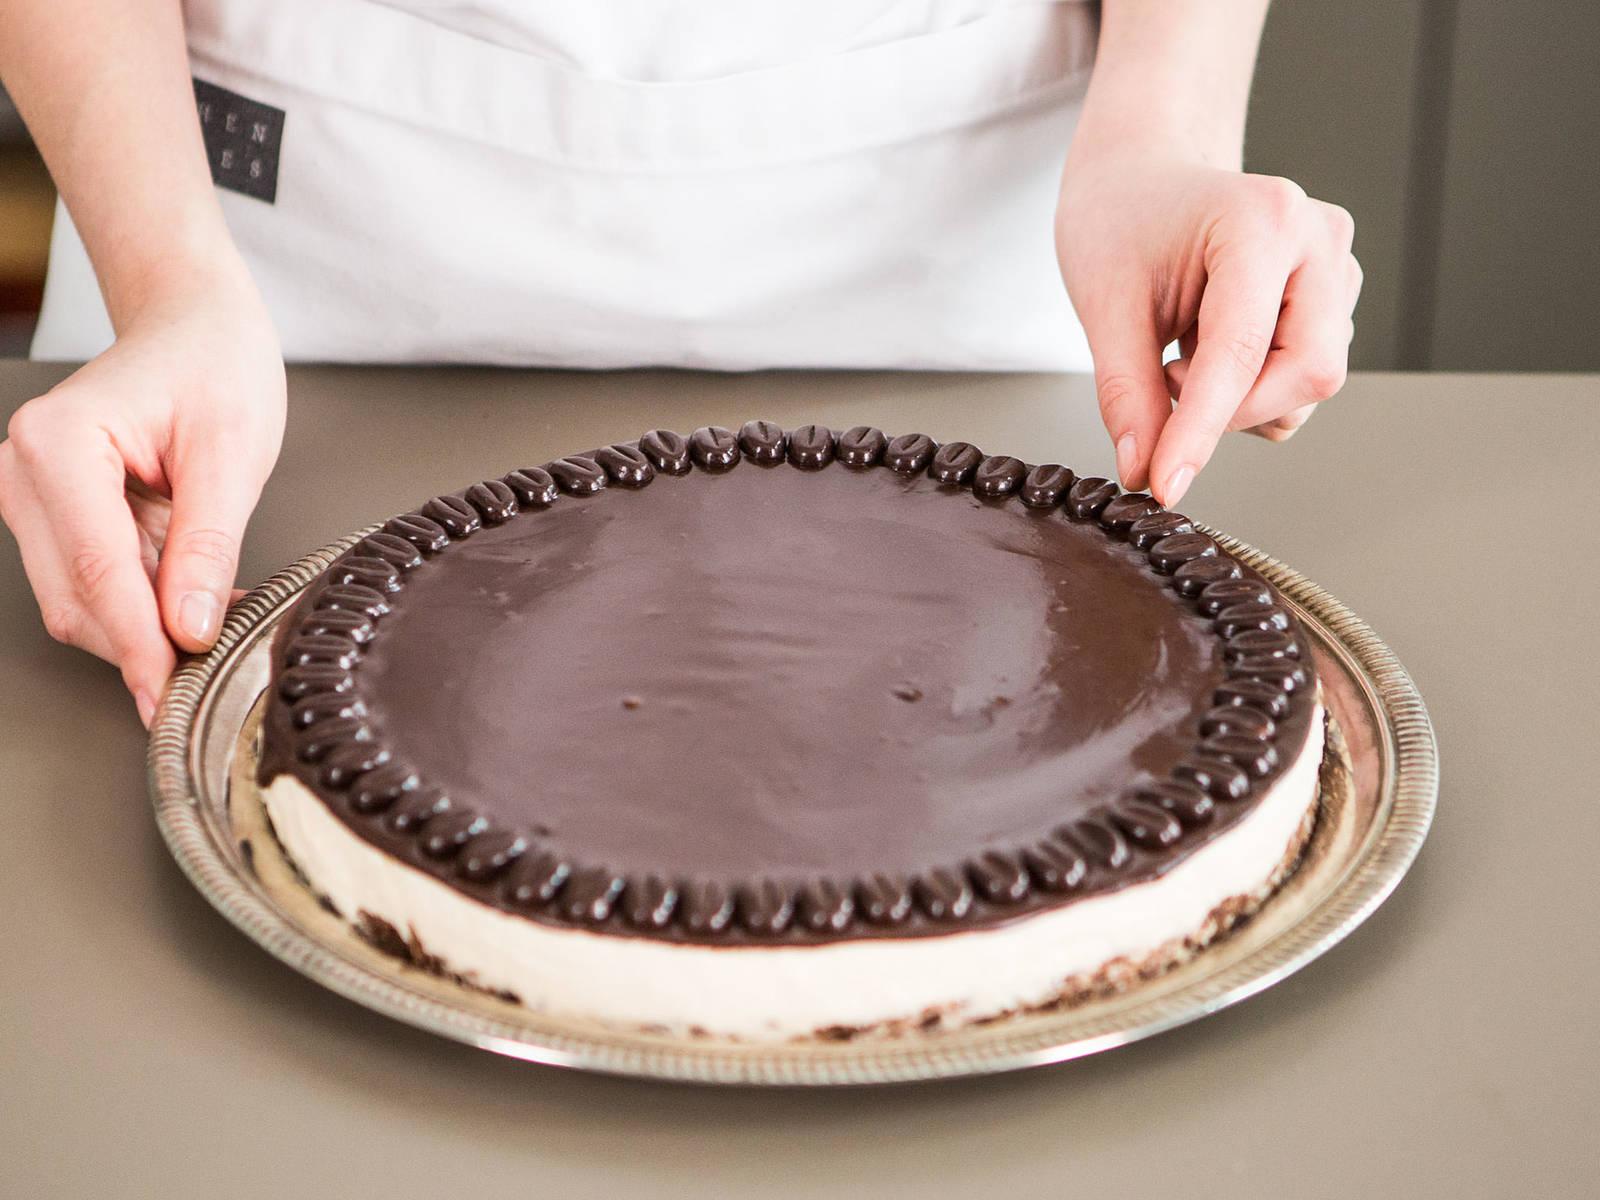 用刀沿烤模内侧轻轻转一圈,将蛋糕放入蛋糕盘。将巧克力混合物均匀涂抹在奶酪蛋糕上,用咖啡味巧克力装饰最外圈。佐一杯冷百利酒享用!